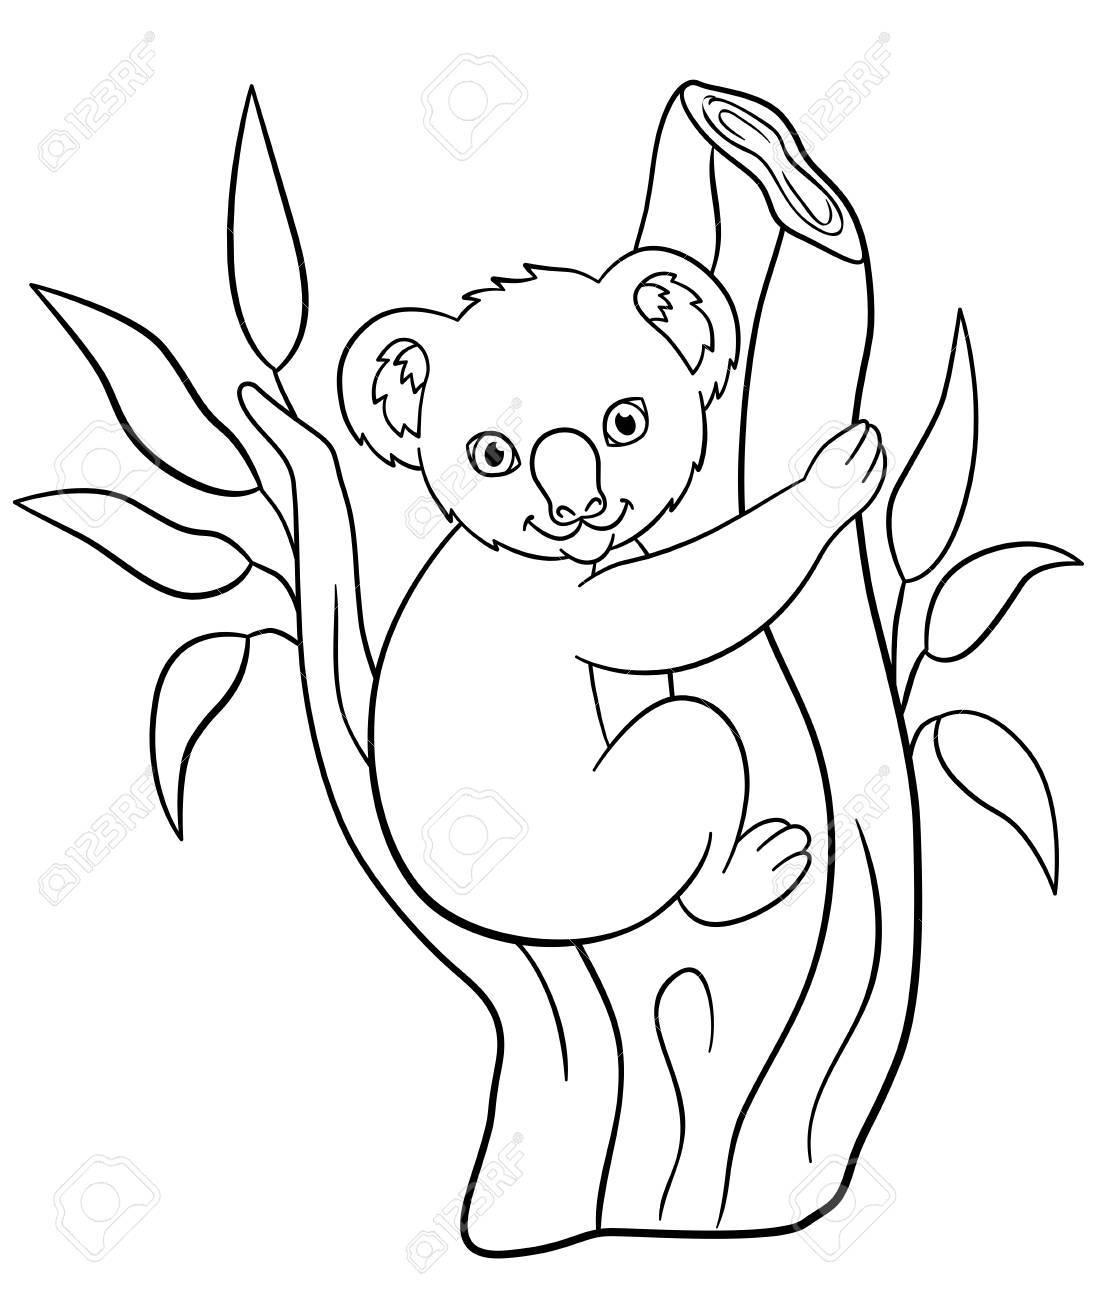 Páginas Para Colorear El Pequeño Koala Lindo Del Bebé Se Sienta En La Rama De Un árbol Y Sonríe